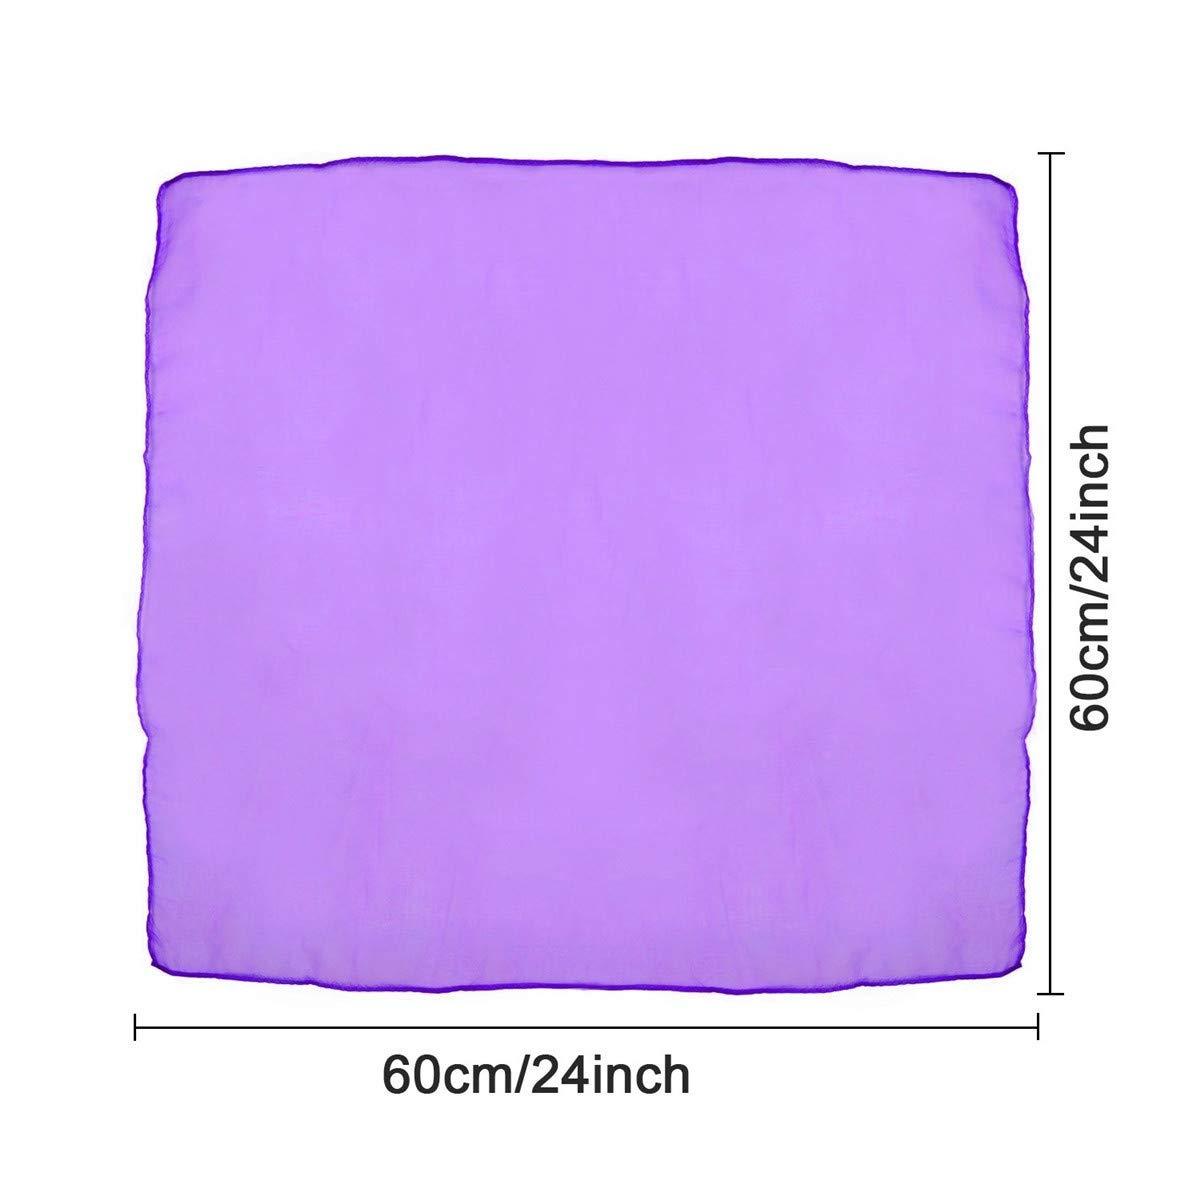 LANGING 24 St/ück 60 x 60 cm Jongliert/ücher Tanz Jonglier Schals Gymnastikt/ücher